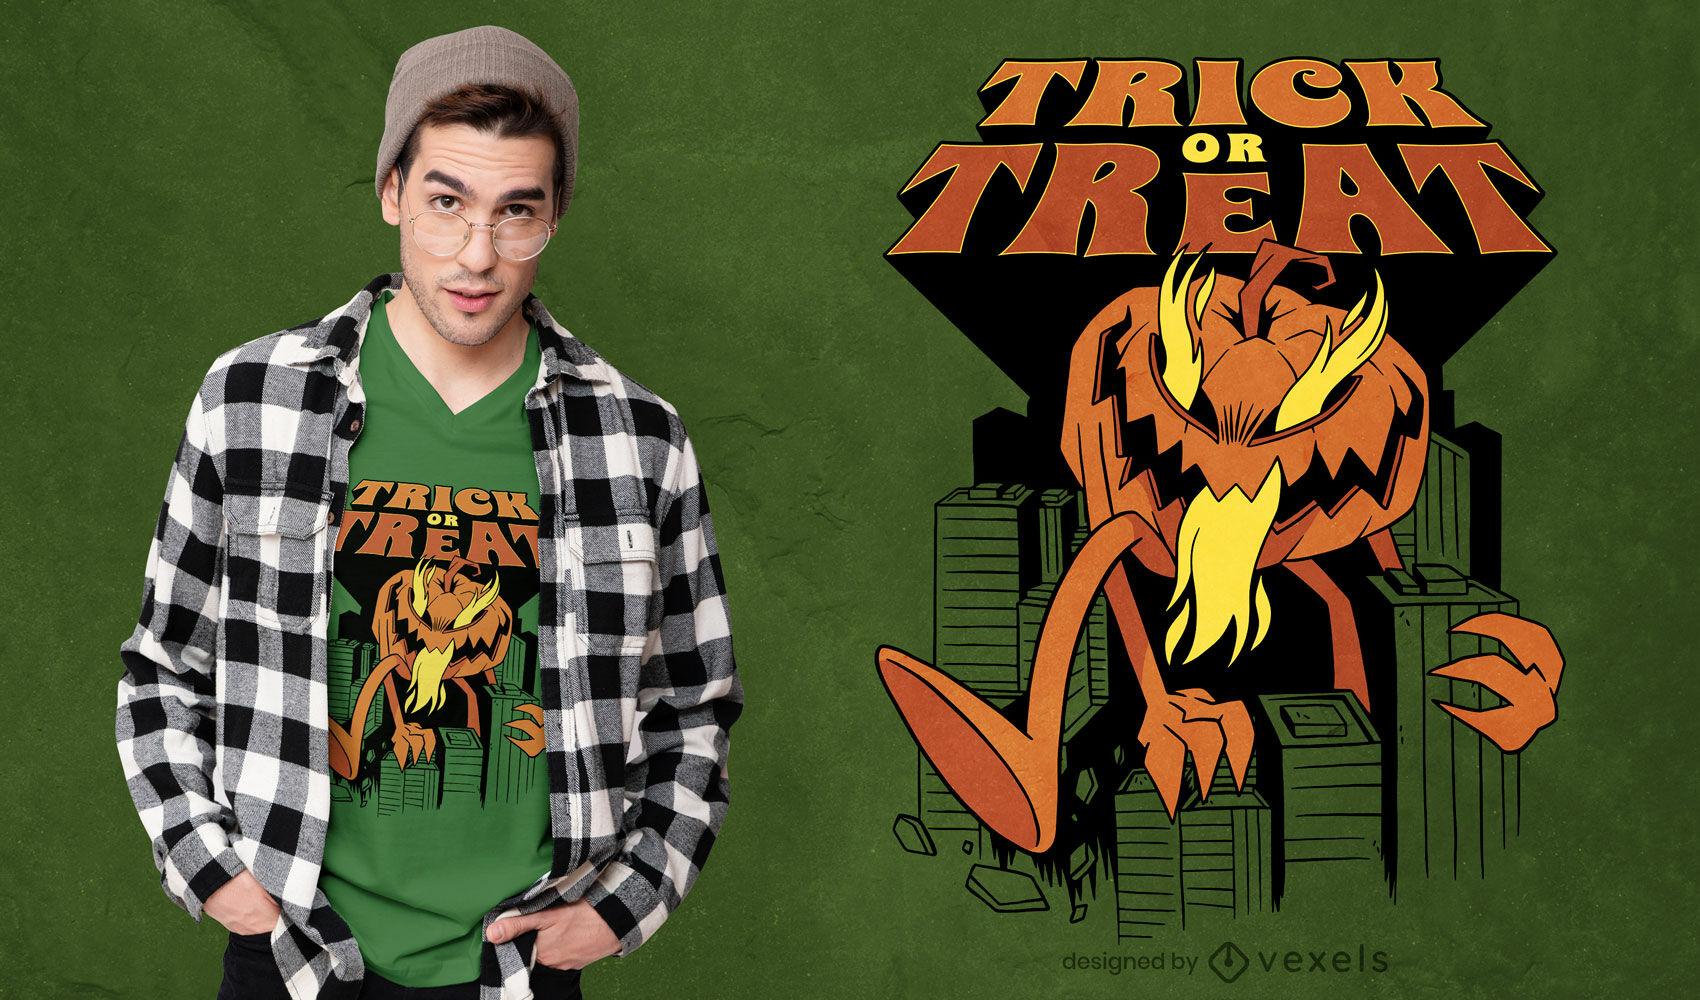 Dise?o de camiseta de calabaza gigante de halloween